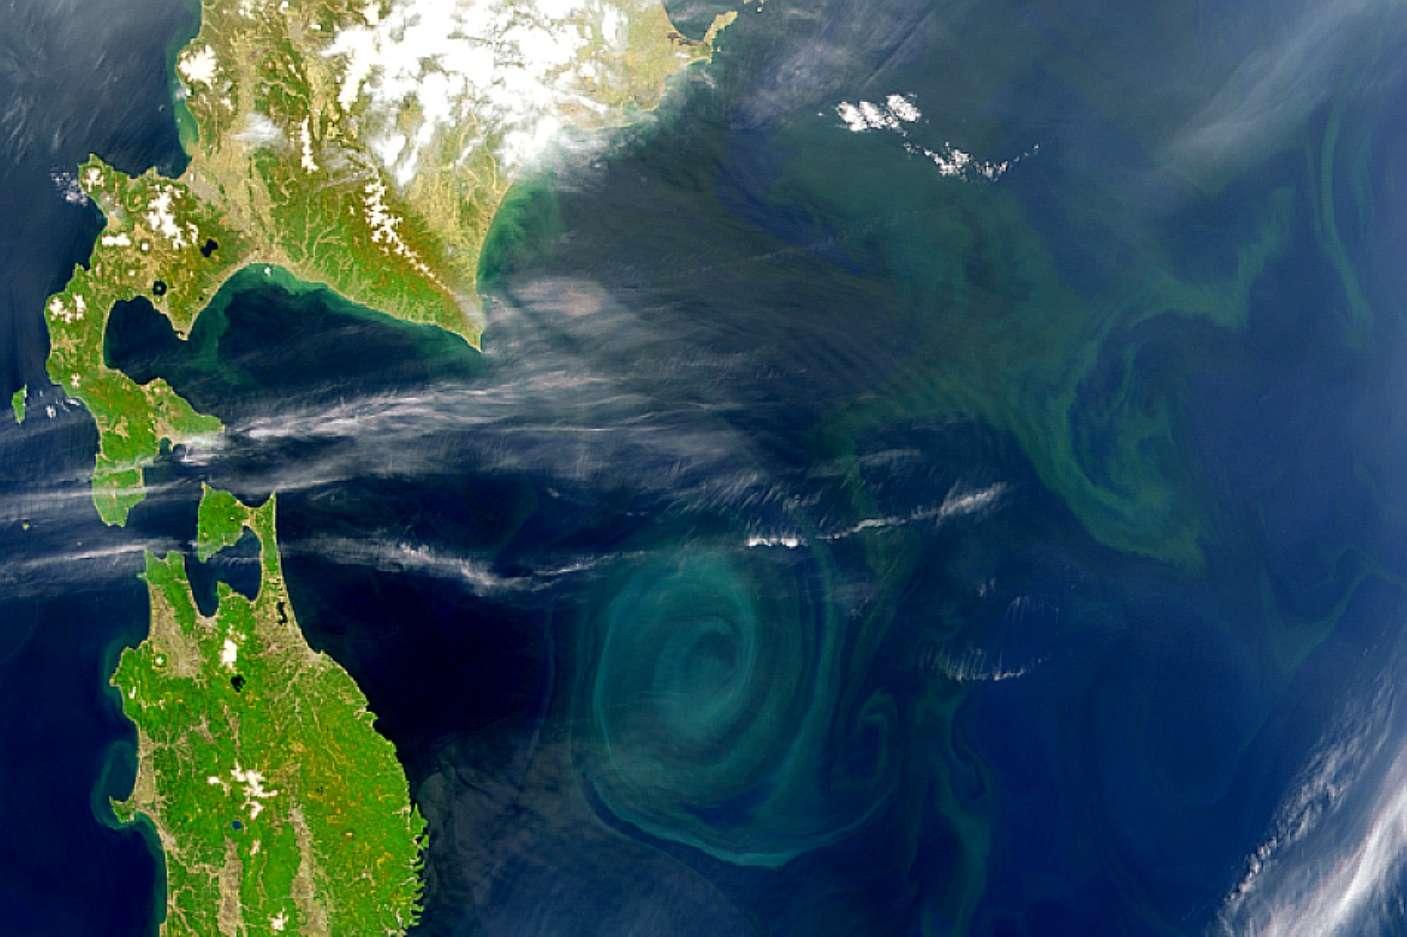 Au large du Japon, on observe bien un tourbillon riche en cyanobactéries planctoniques. Contrairement à ce que les spécialistes pensaient, celles-ci seraient apparues tardivement, il y a moins de 800 millions d'années. Leurs cousines étaient confinées aux bords des mers et océans ou sur les continents. © Nasa, Goddard Space Flight Center et Orbimage